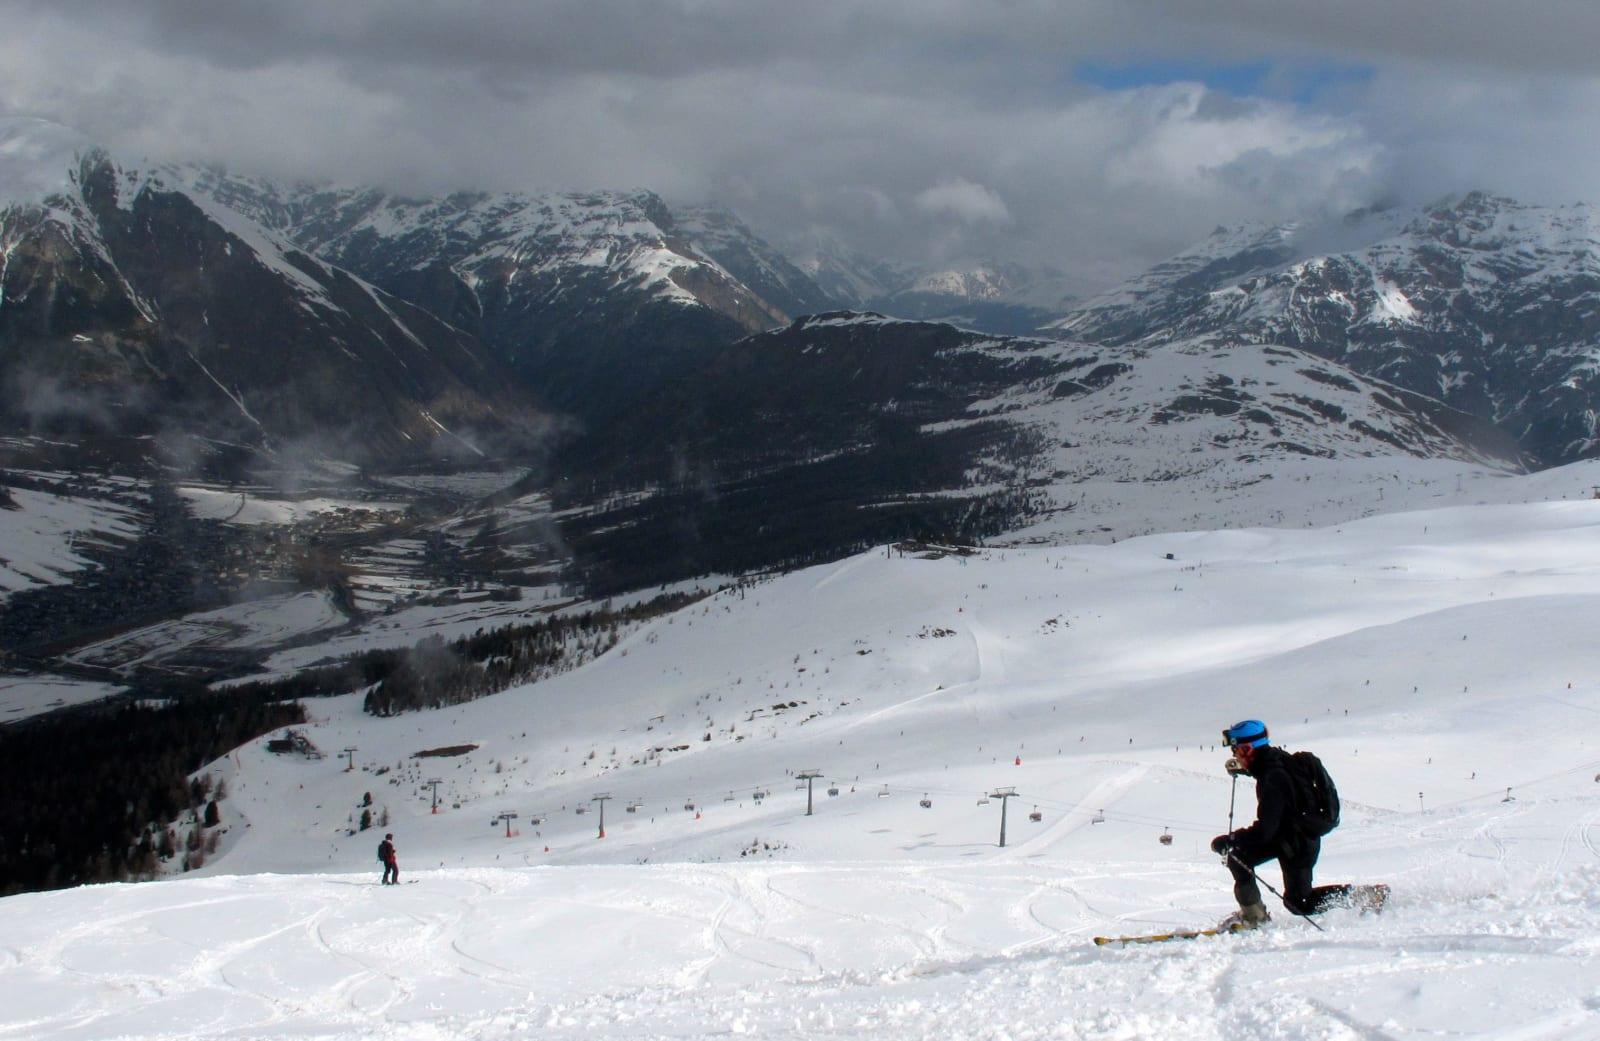 LØS: Det er både skikjøring og skihistorikk i festivalen. Foto: Pål-Trygve Gamme